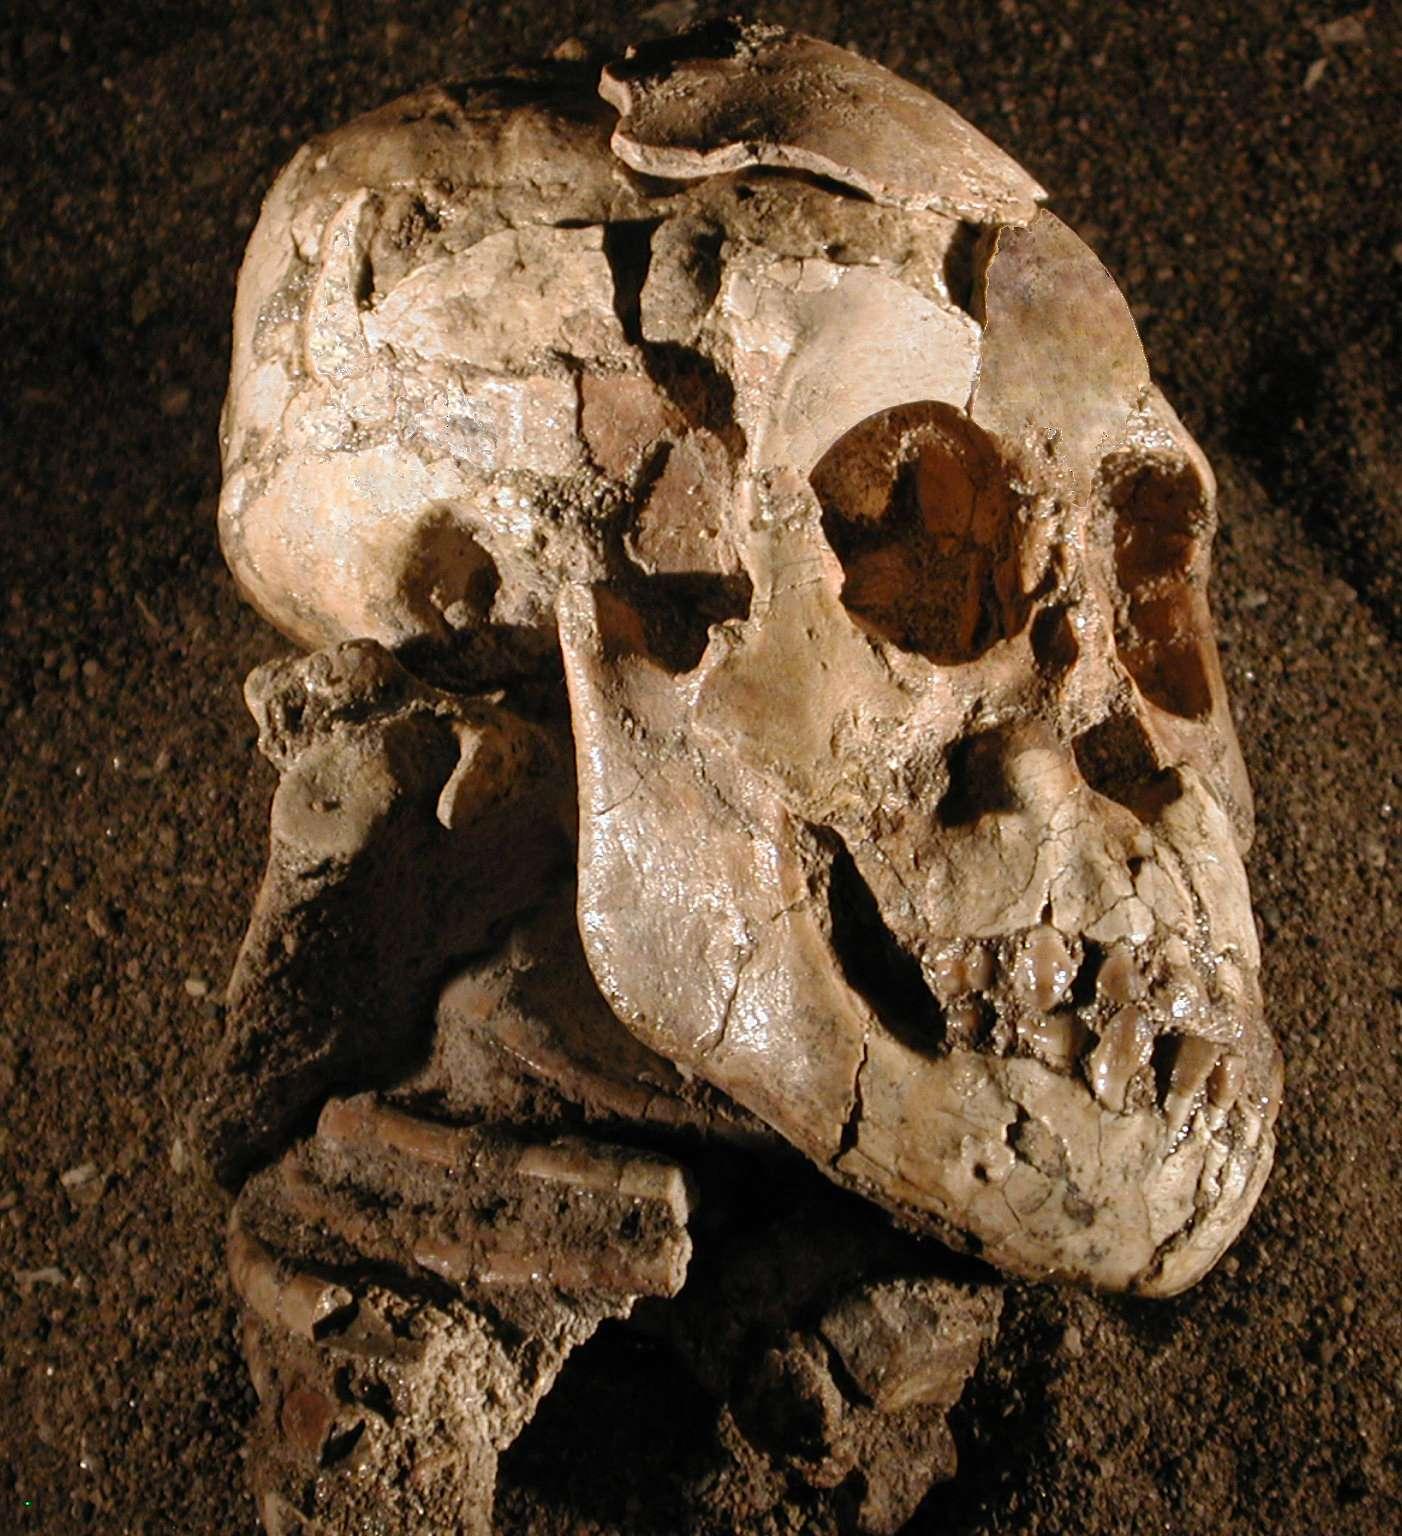 Vue latérale du crâne, de la face et de la mandibule de Selam, un Australopithecus afarensis de 3 ans ayant vécu voici 3,3 millions d'années. L'omoplate droite complète est visible, avec sa cavité glénoïde, son acromion et son processus coracoïde, sous l'arrière du crâne, à gauche de la mâchoire et au-dessus des côtes. © Zeray Alemseged, Dikika Research Project